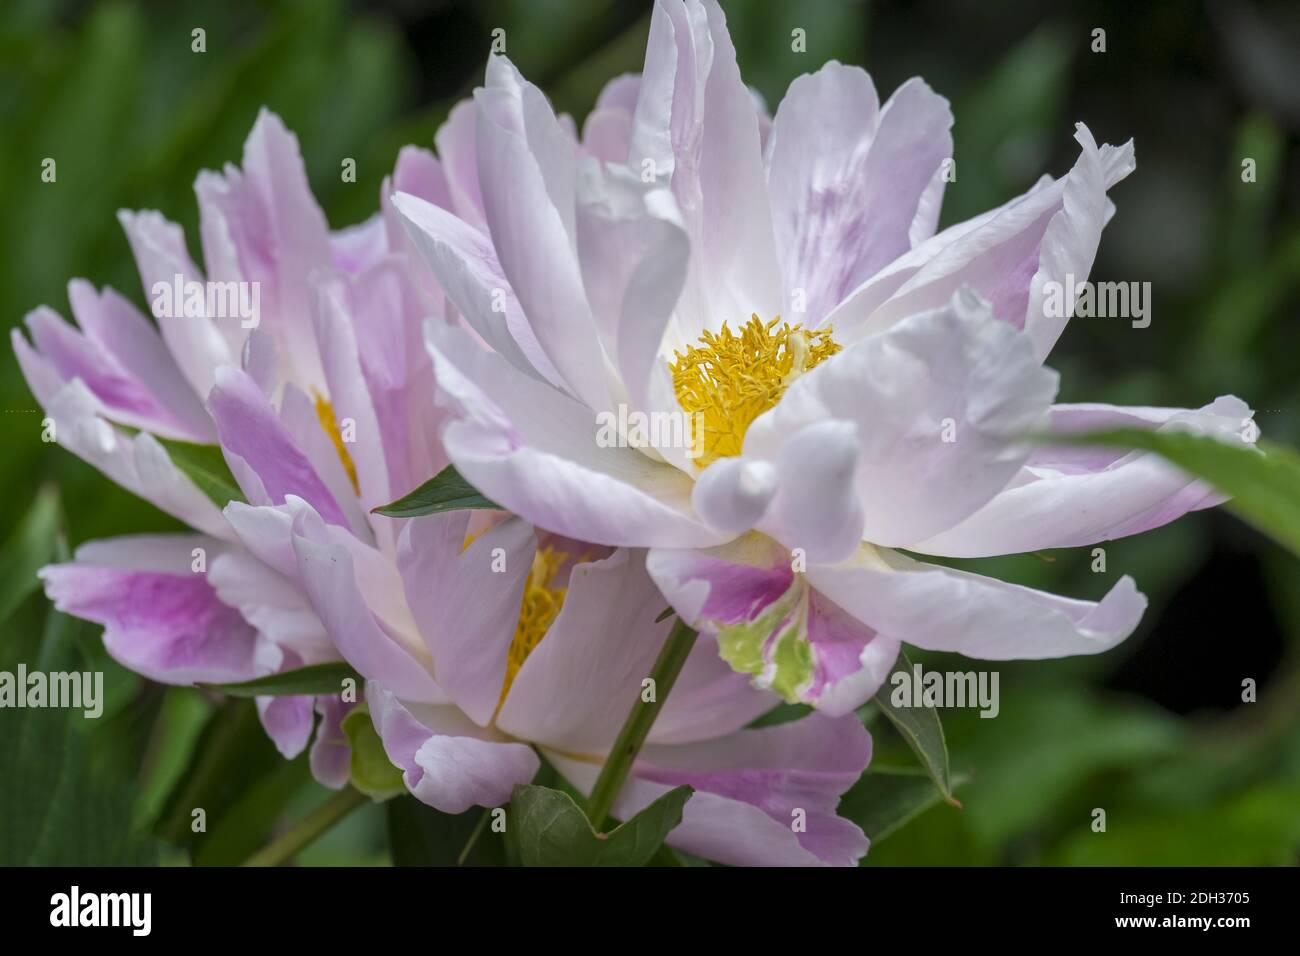 Peonies (Paeonia) Stock Photo